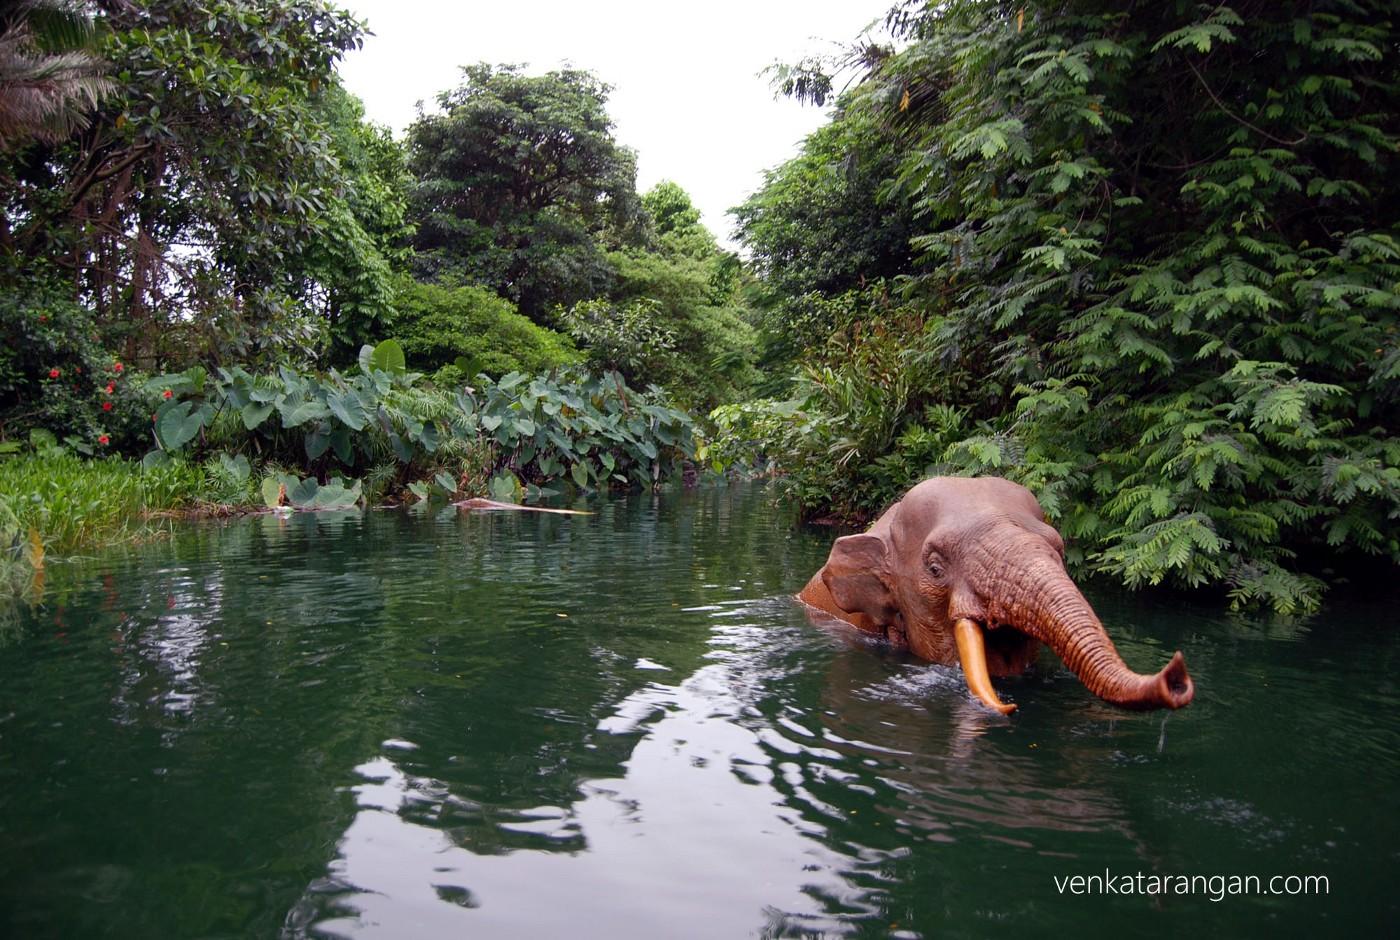 Jungle ride - Elephant replicas were life like